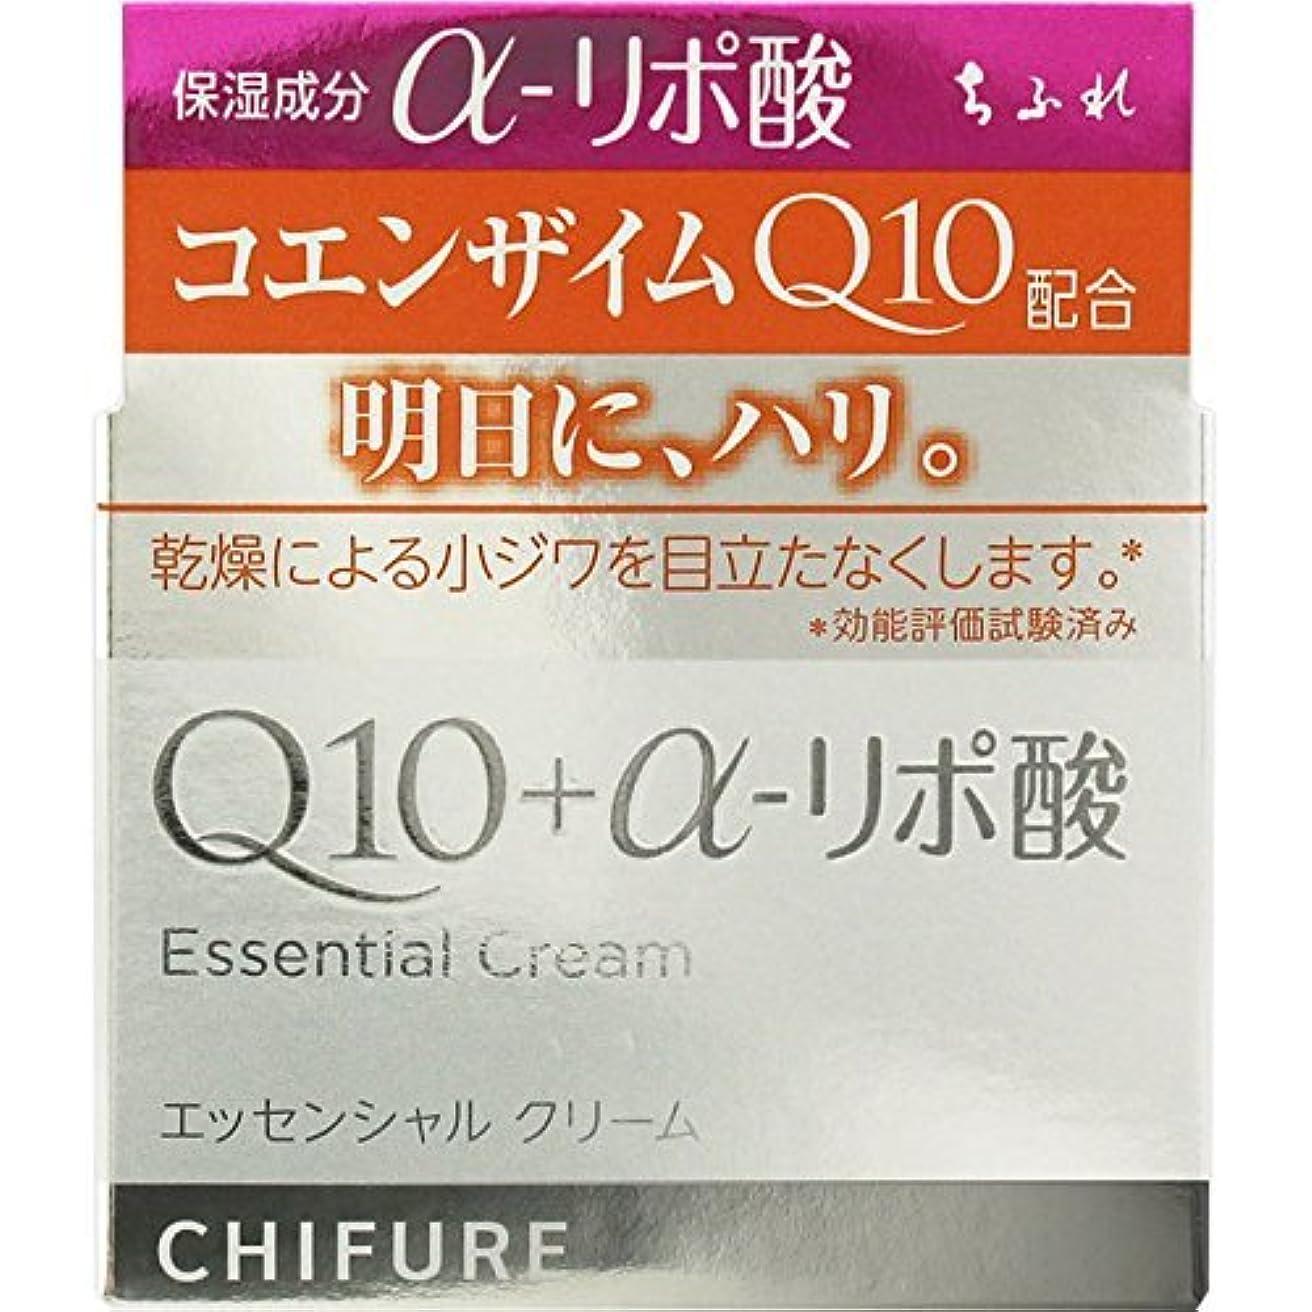 かんがい高揚した氷ちふれ化粧品 エッセンシャルクリーム N 30g 30G